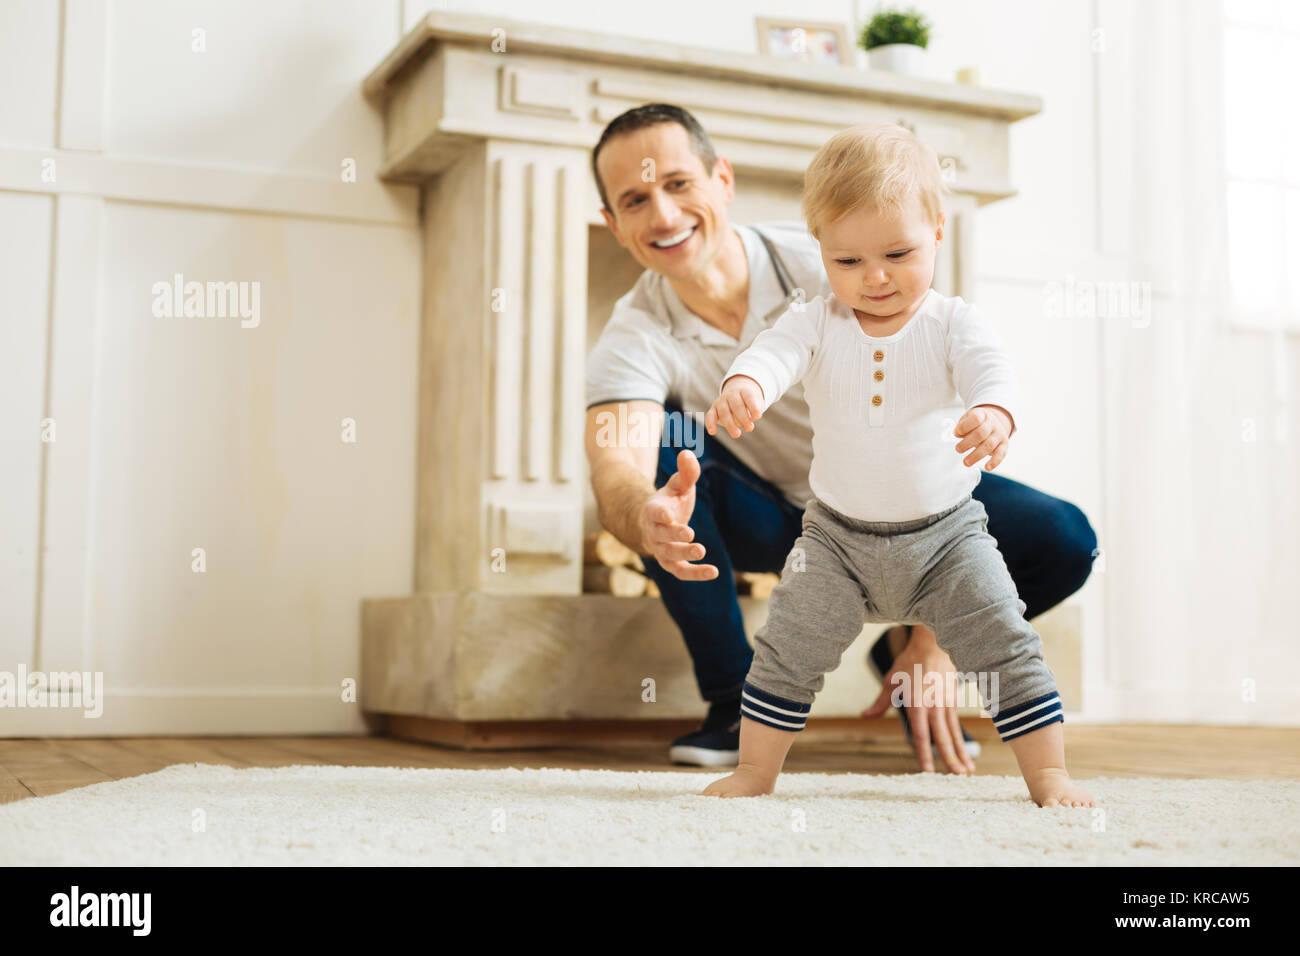 Bebé feliz tratando de estar de pie arriba mientras un alegre padre está listo para ayudar a Imagen De Stock